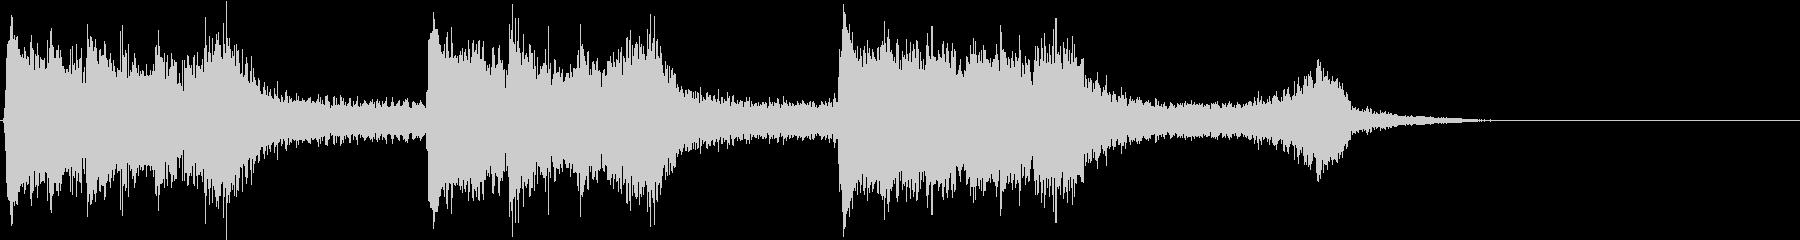 トムとジェリー風なアニメ音楽「驚き」4の未再生の波形